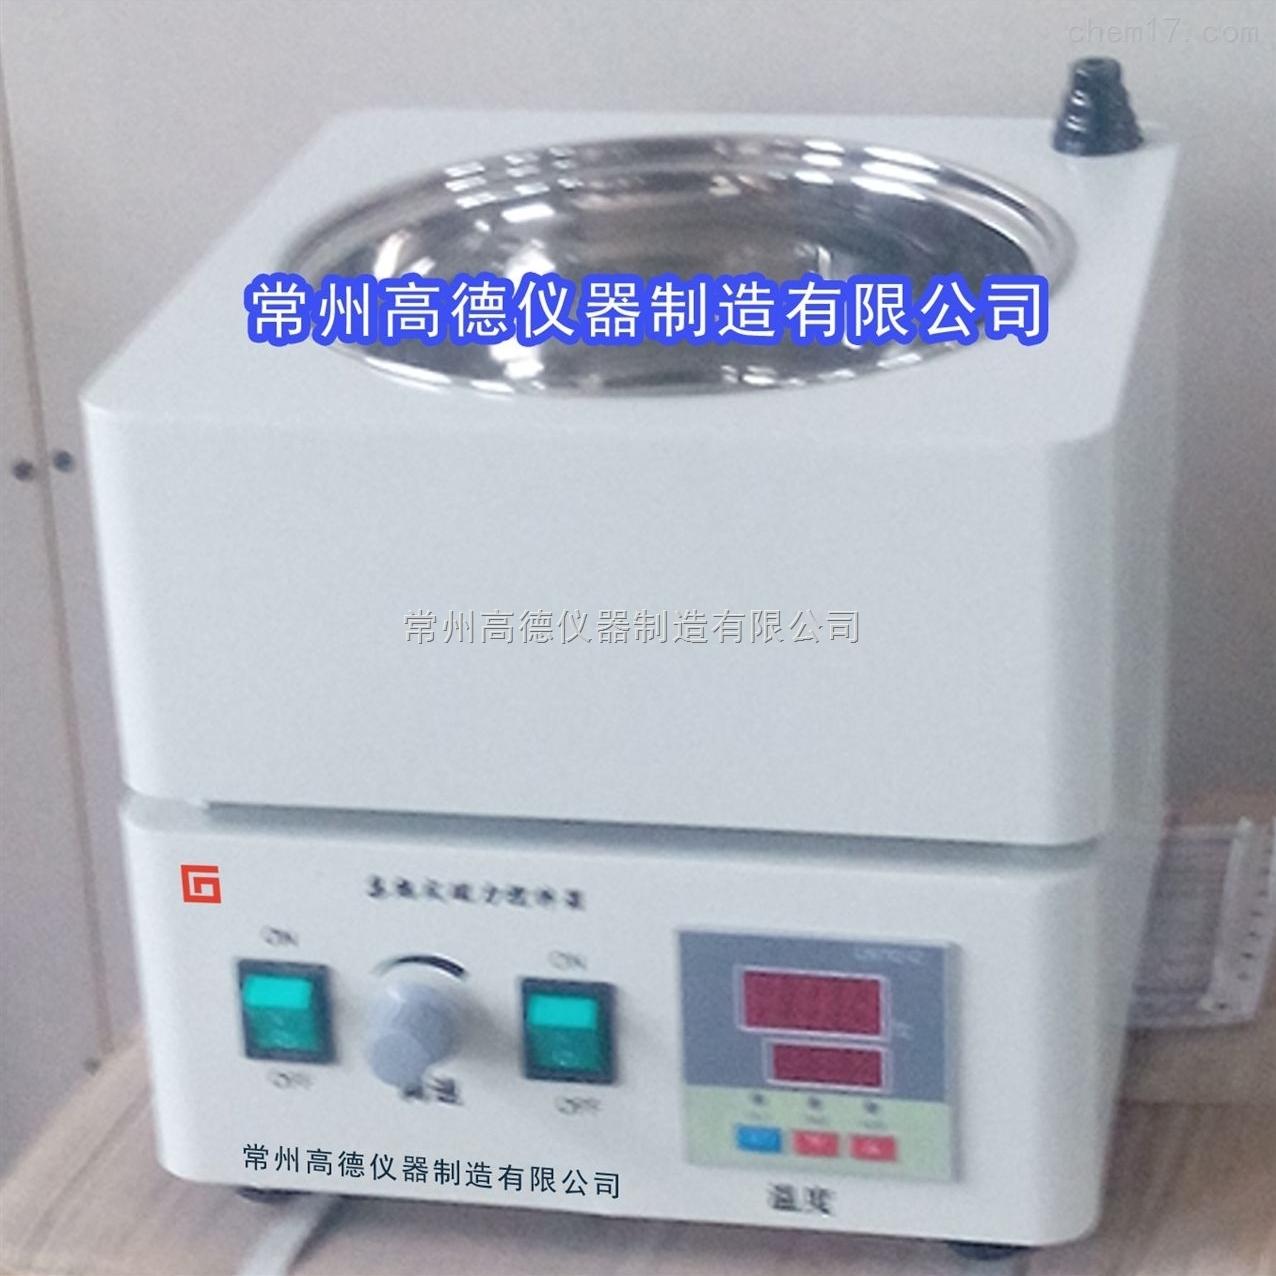 集热式磁力恒温搅拌器